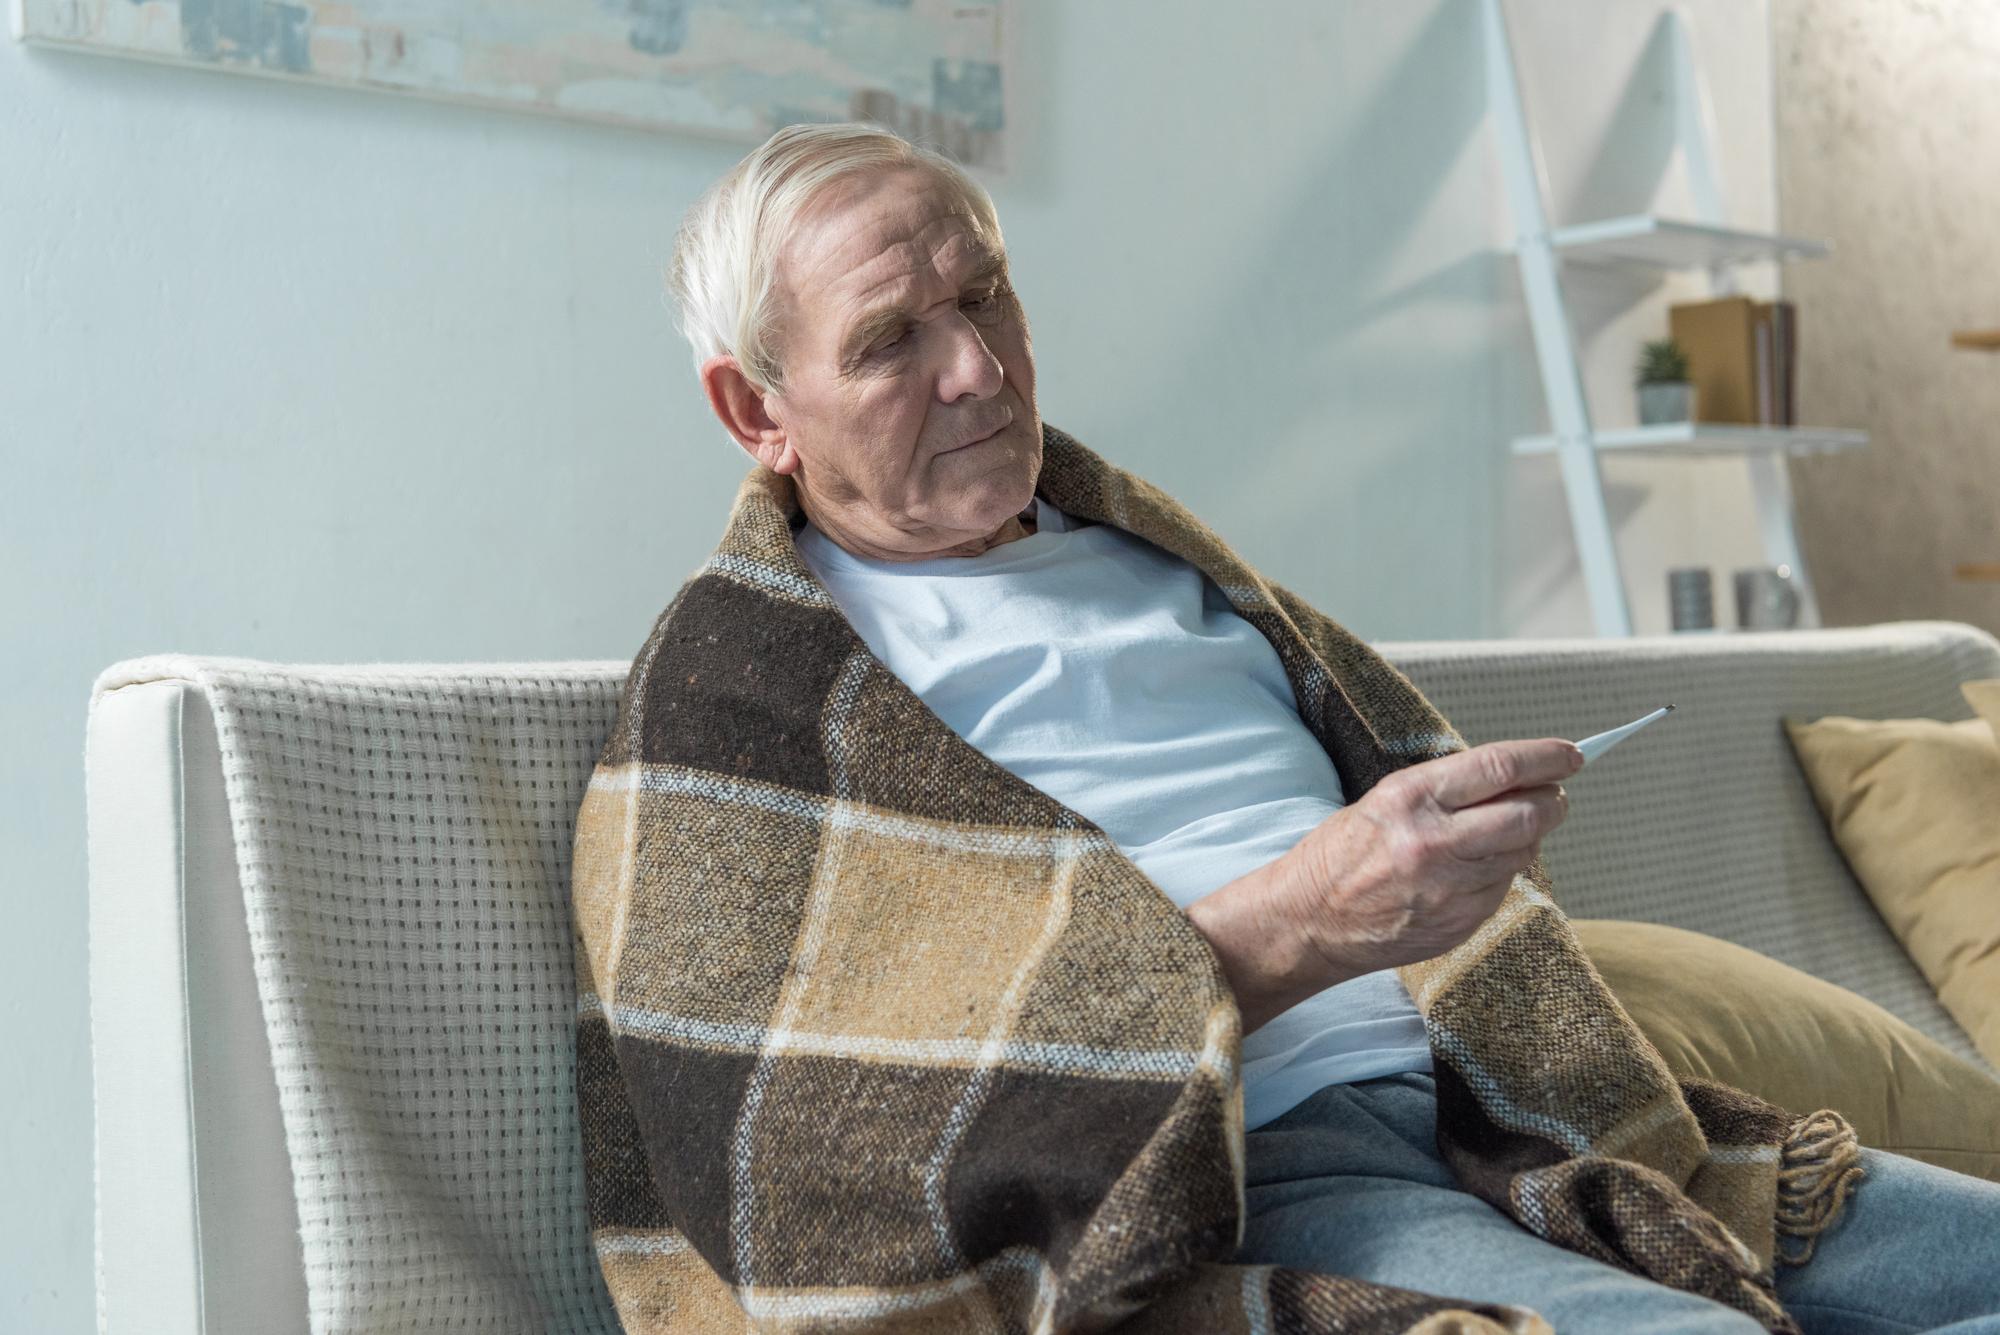 Минздрав разрешил переводить больных COVID-19 на амбулаторное лечение